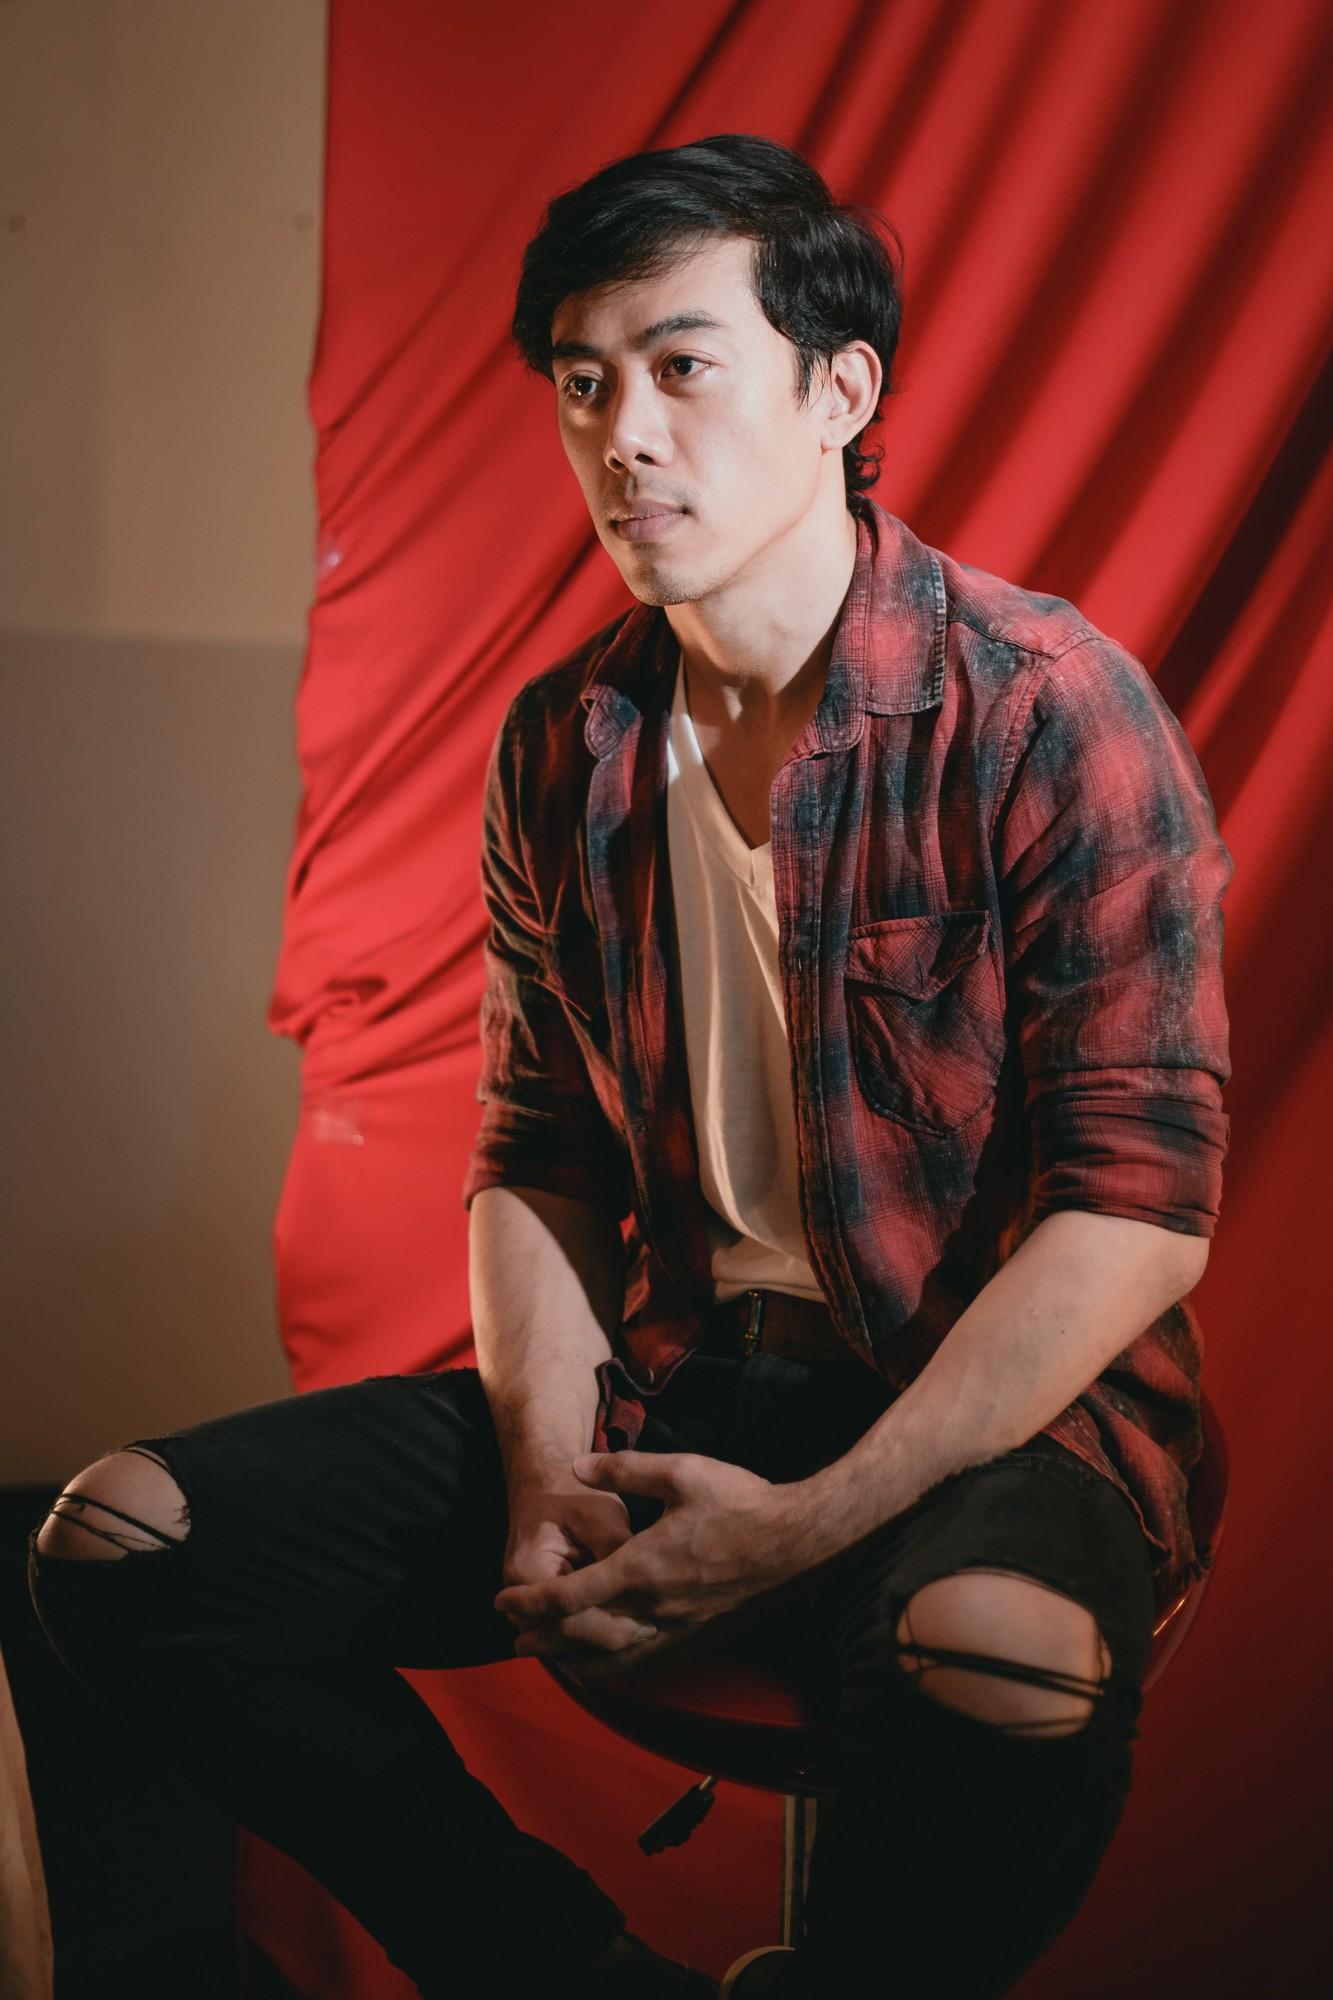 Đạo diễn Song Lang: Leon Quang Lê, người con xa xứ trót mang nợ với cải lương - Ảnh 8.